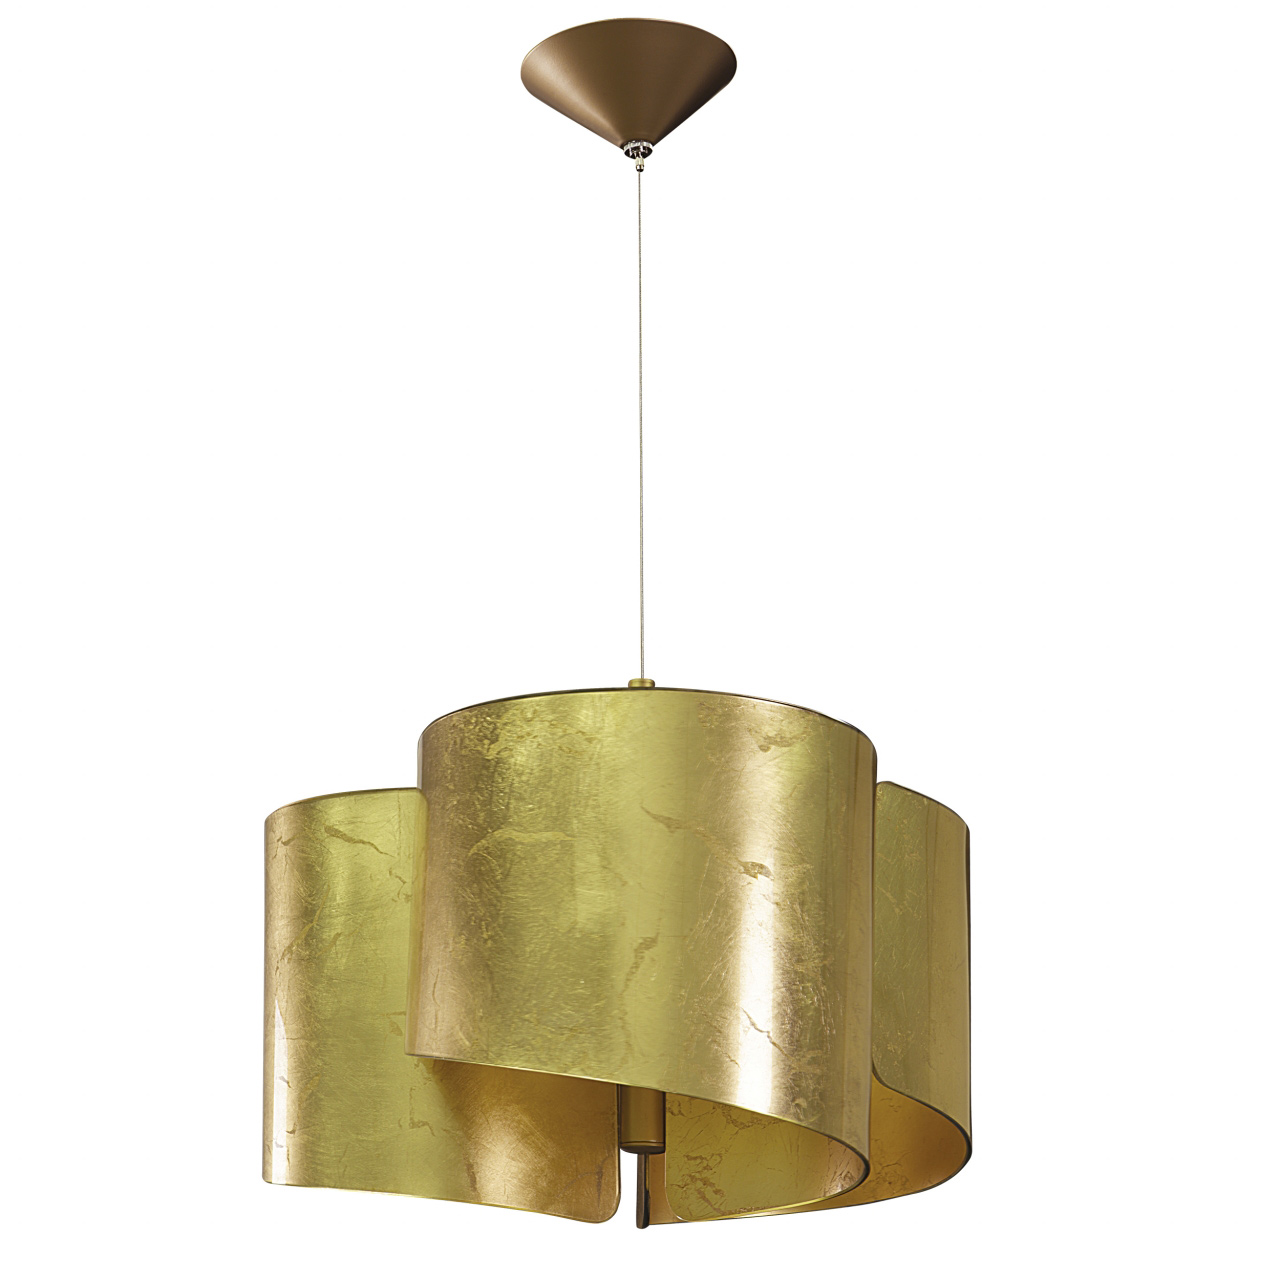 Люстра подвесная Pittore 3х40W E27 golden Lightstar 811132